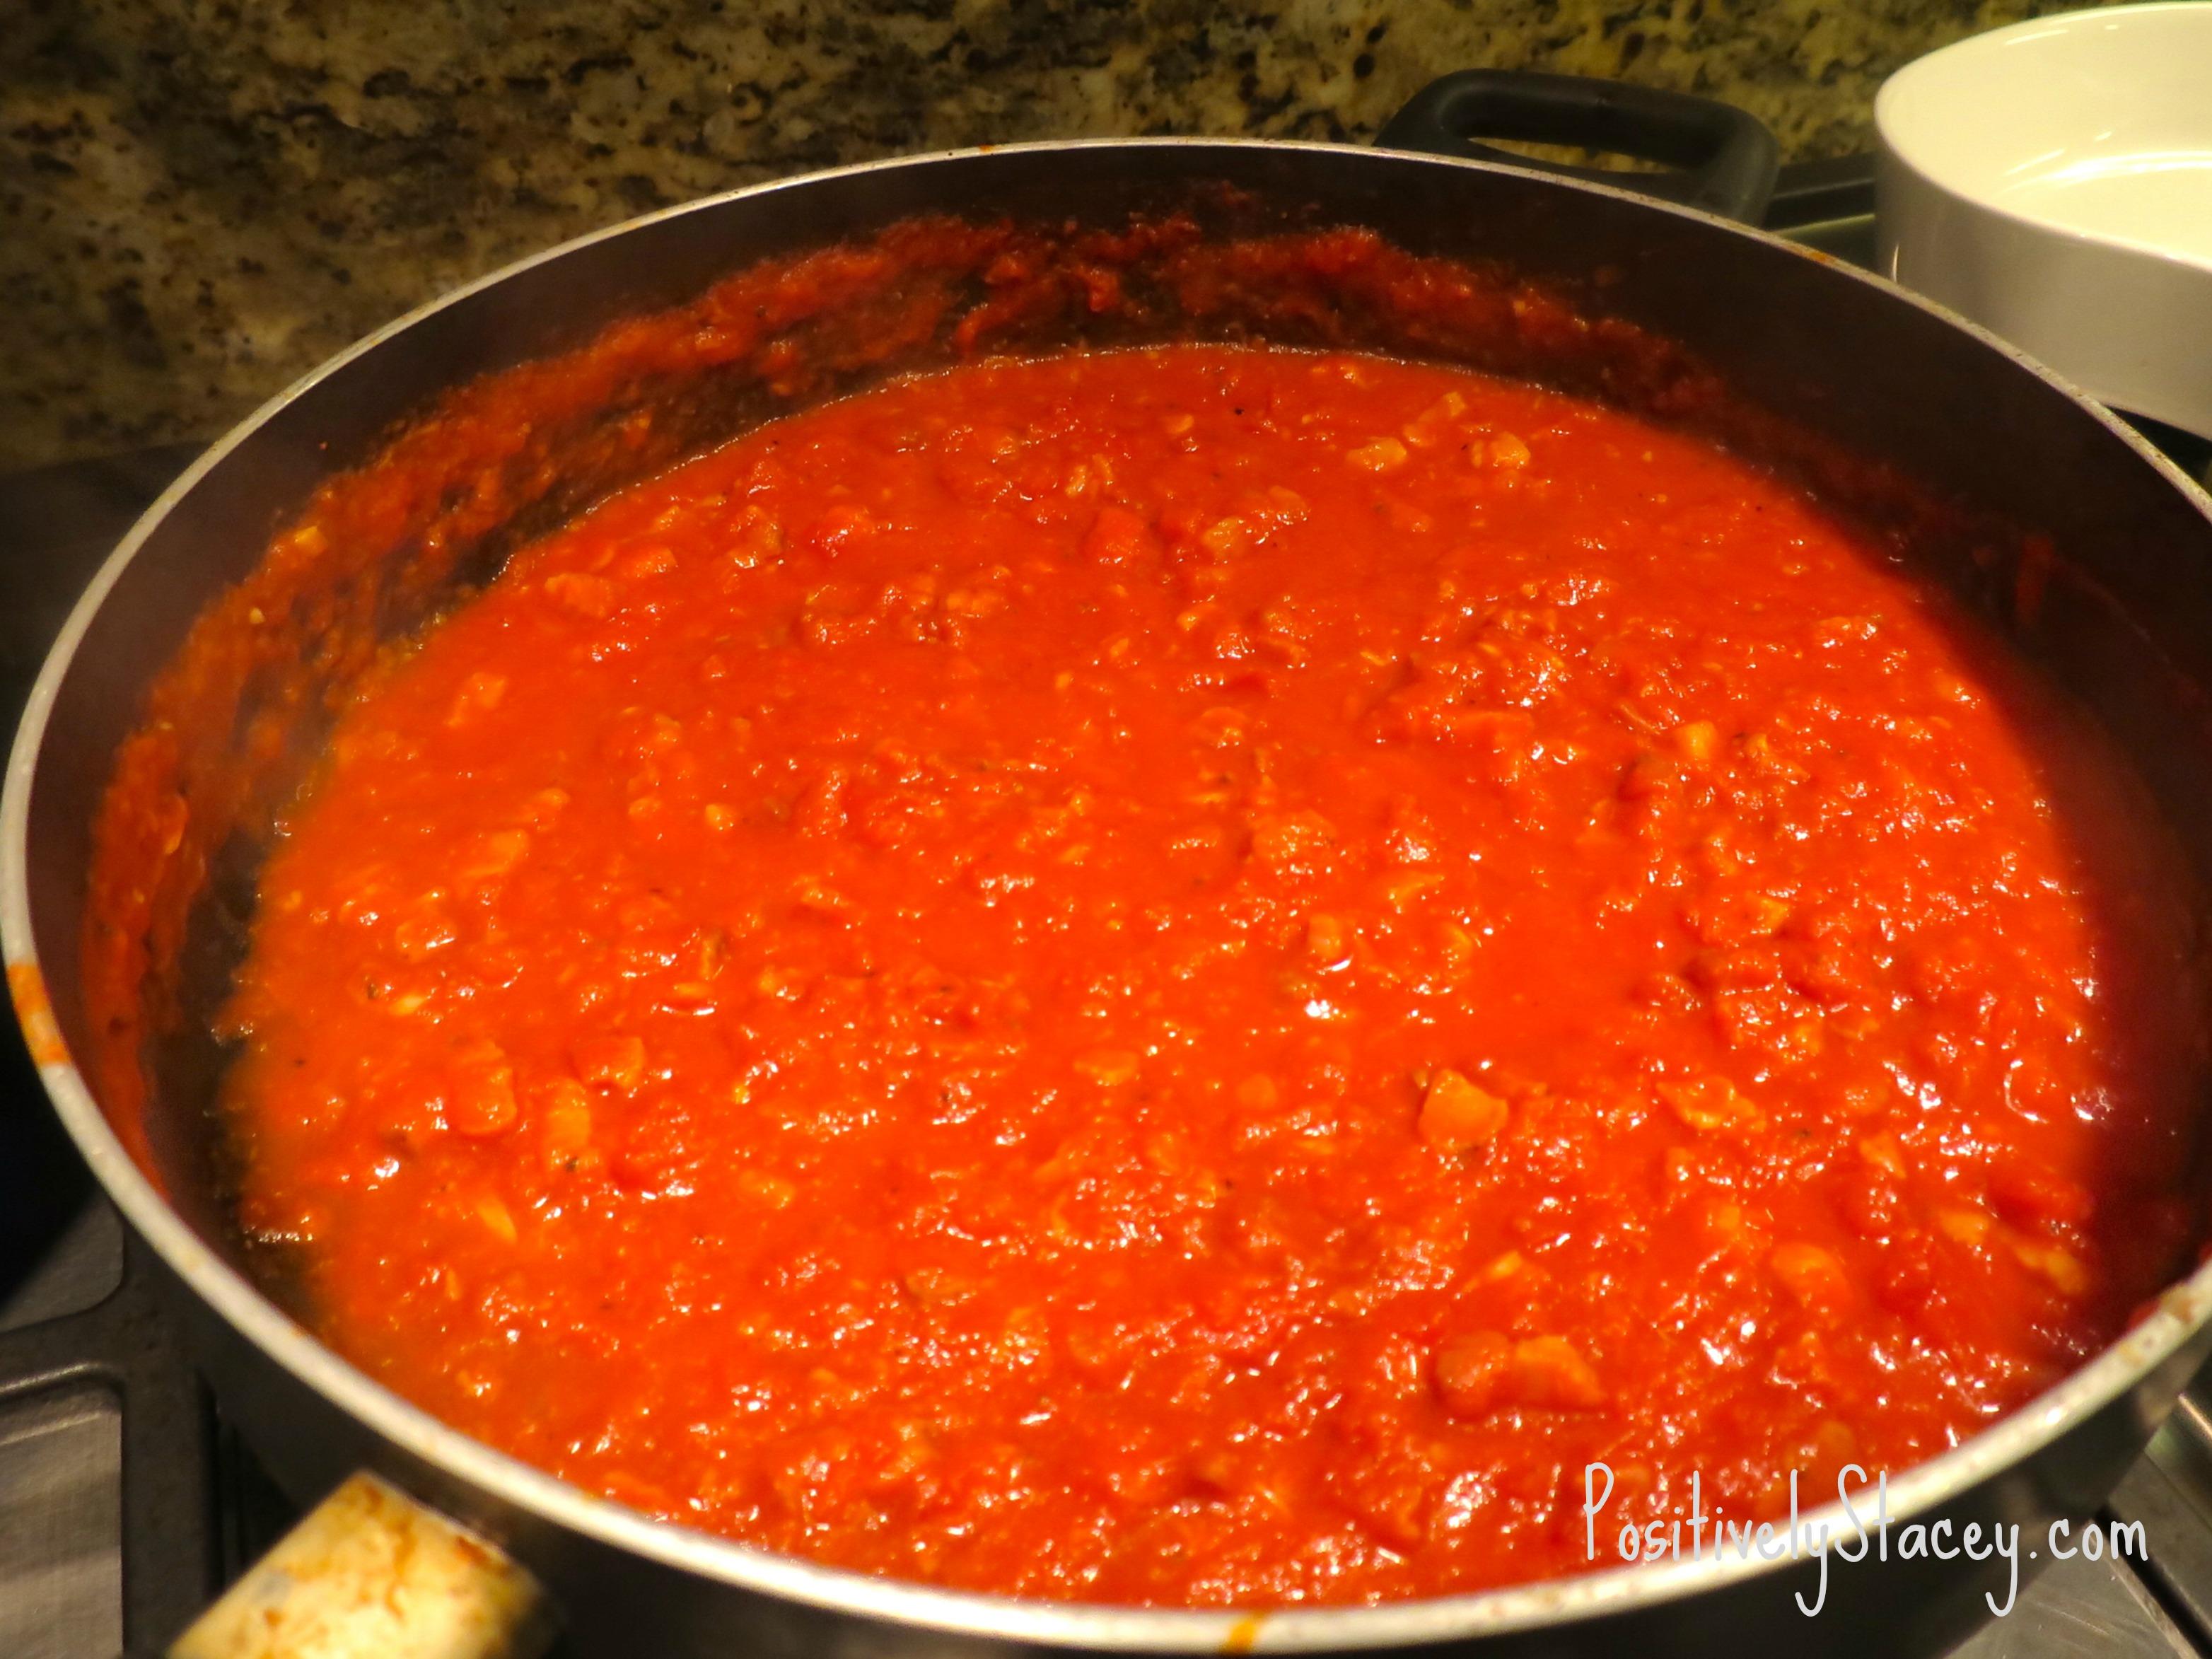 Pancetta Pasta Sauce